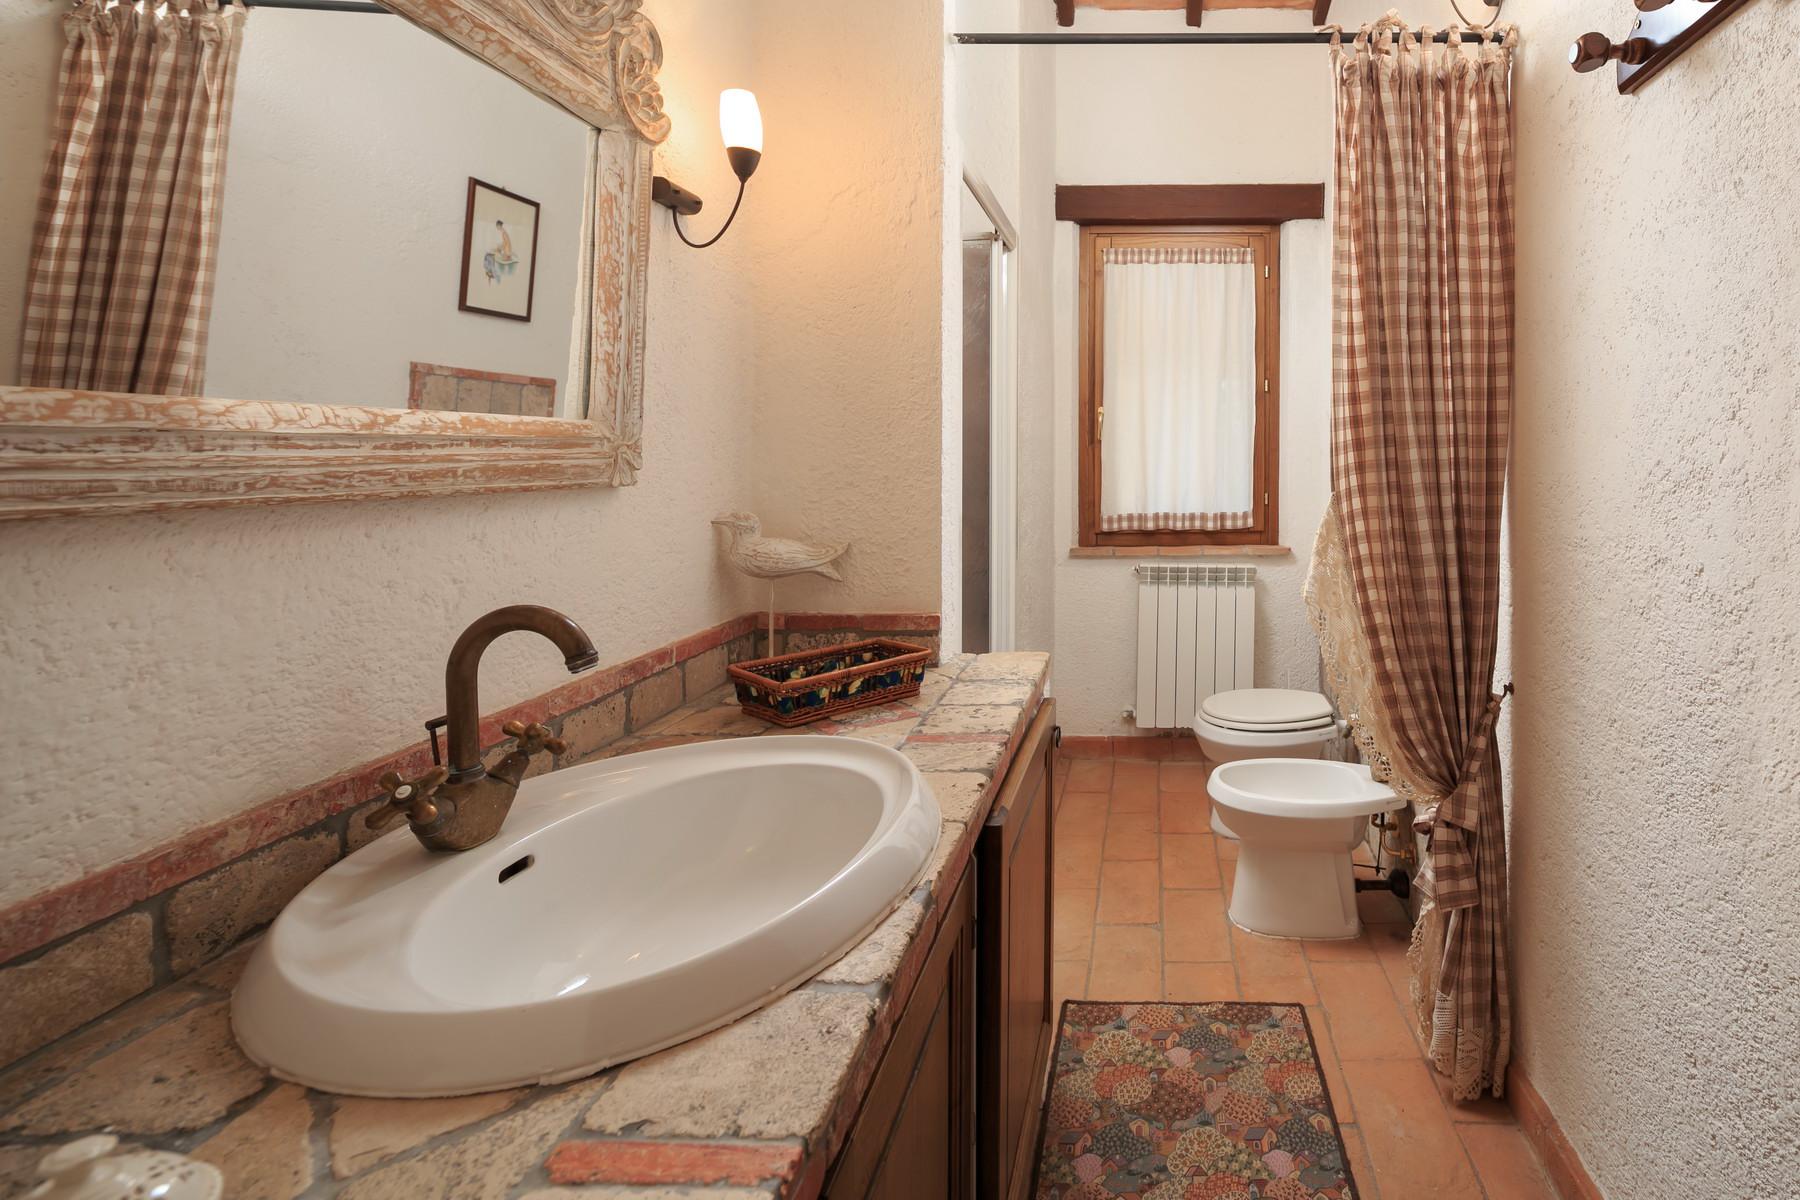 Rustico in Vendita a Manciano: 5 locali, 247 mq - Foto 23